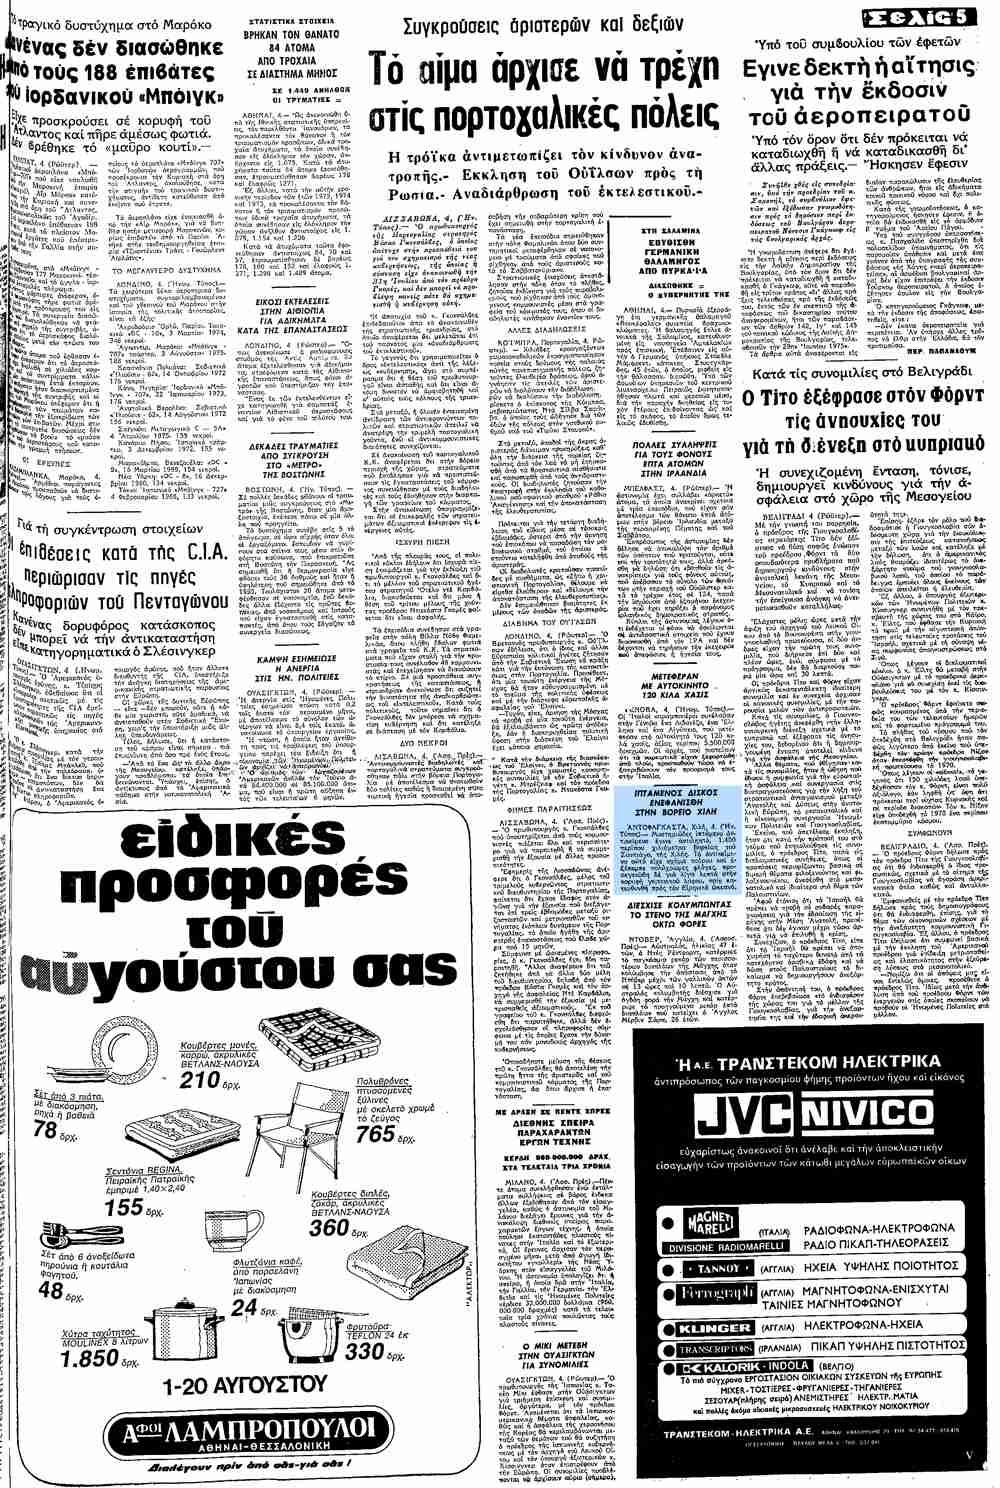 """Το άρθρο, όπως δημοσιεύθηκε στην εφημερίδα """"ΜΑΚΕΔΟΝΙΑ"""", στις 05/08/1975"""